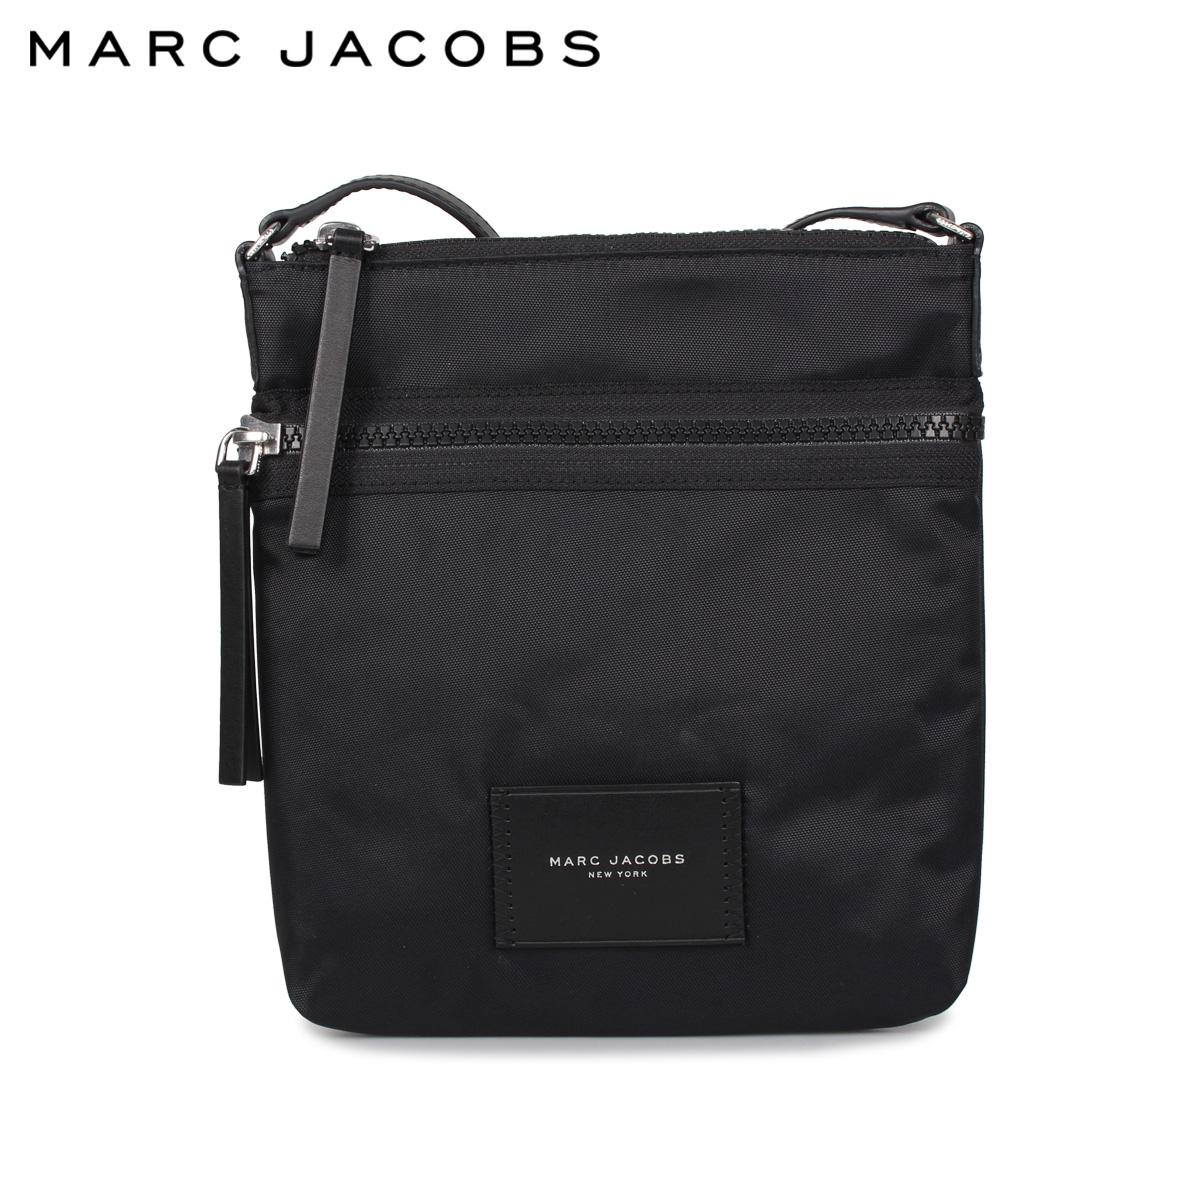 マークジェイコブス MARC JACOBS バッグ ショルダーバッグ レディース SHOLDER BAG ブラック 黒 M0013944-001